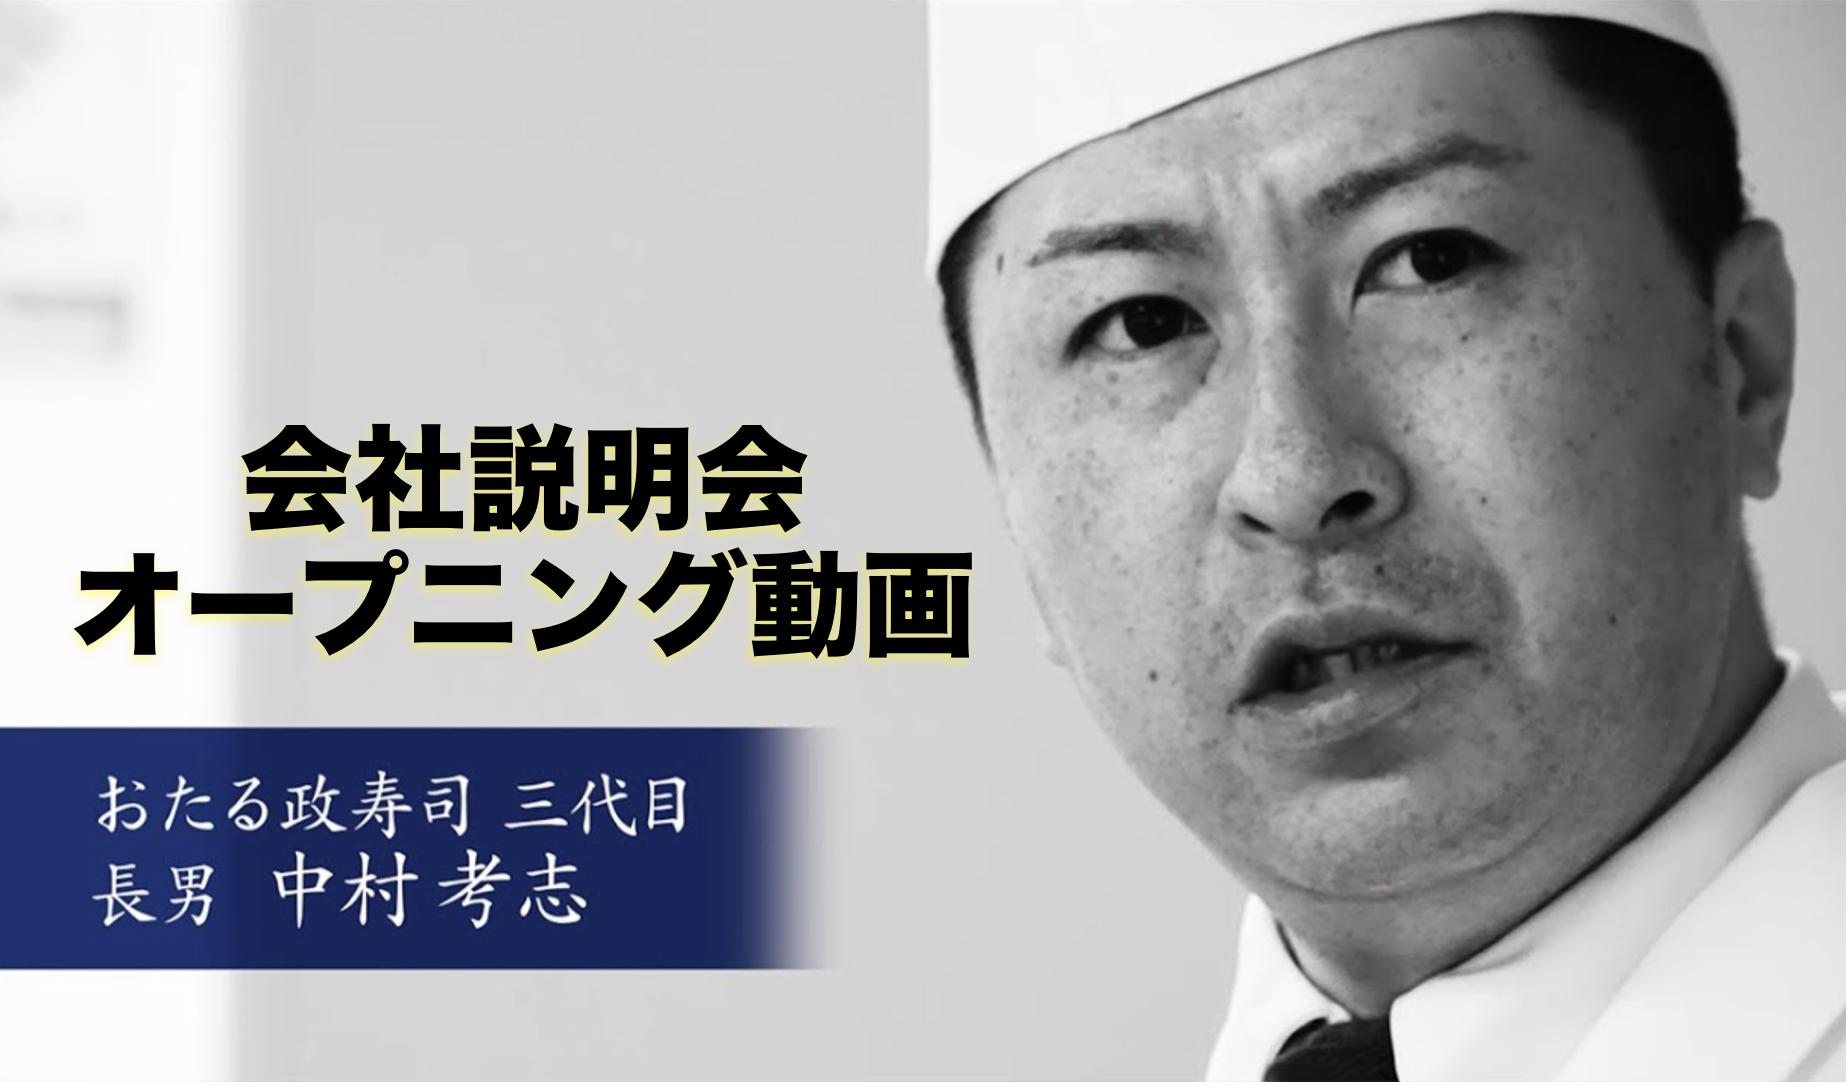 おたる政寿司様  会社説明会 オープニング動画